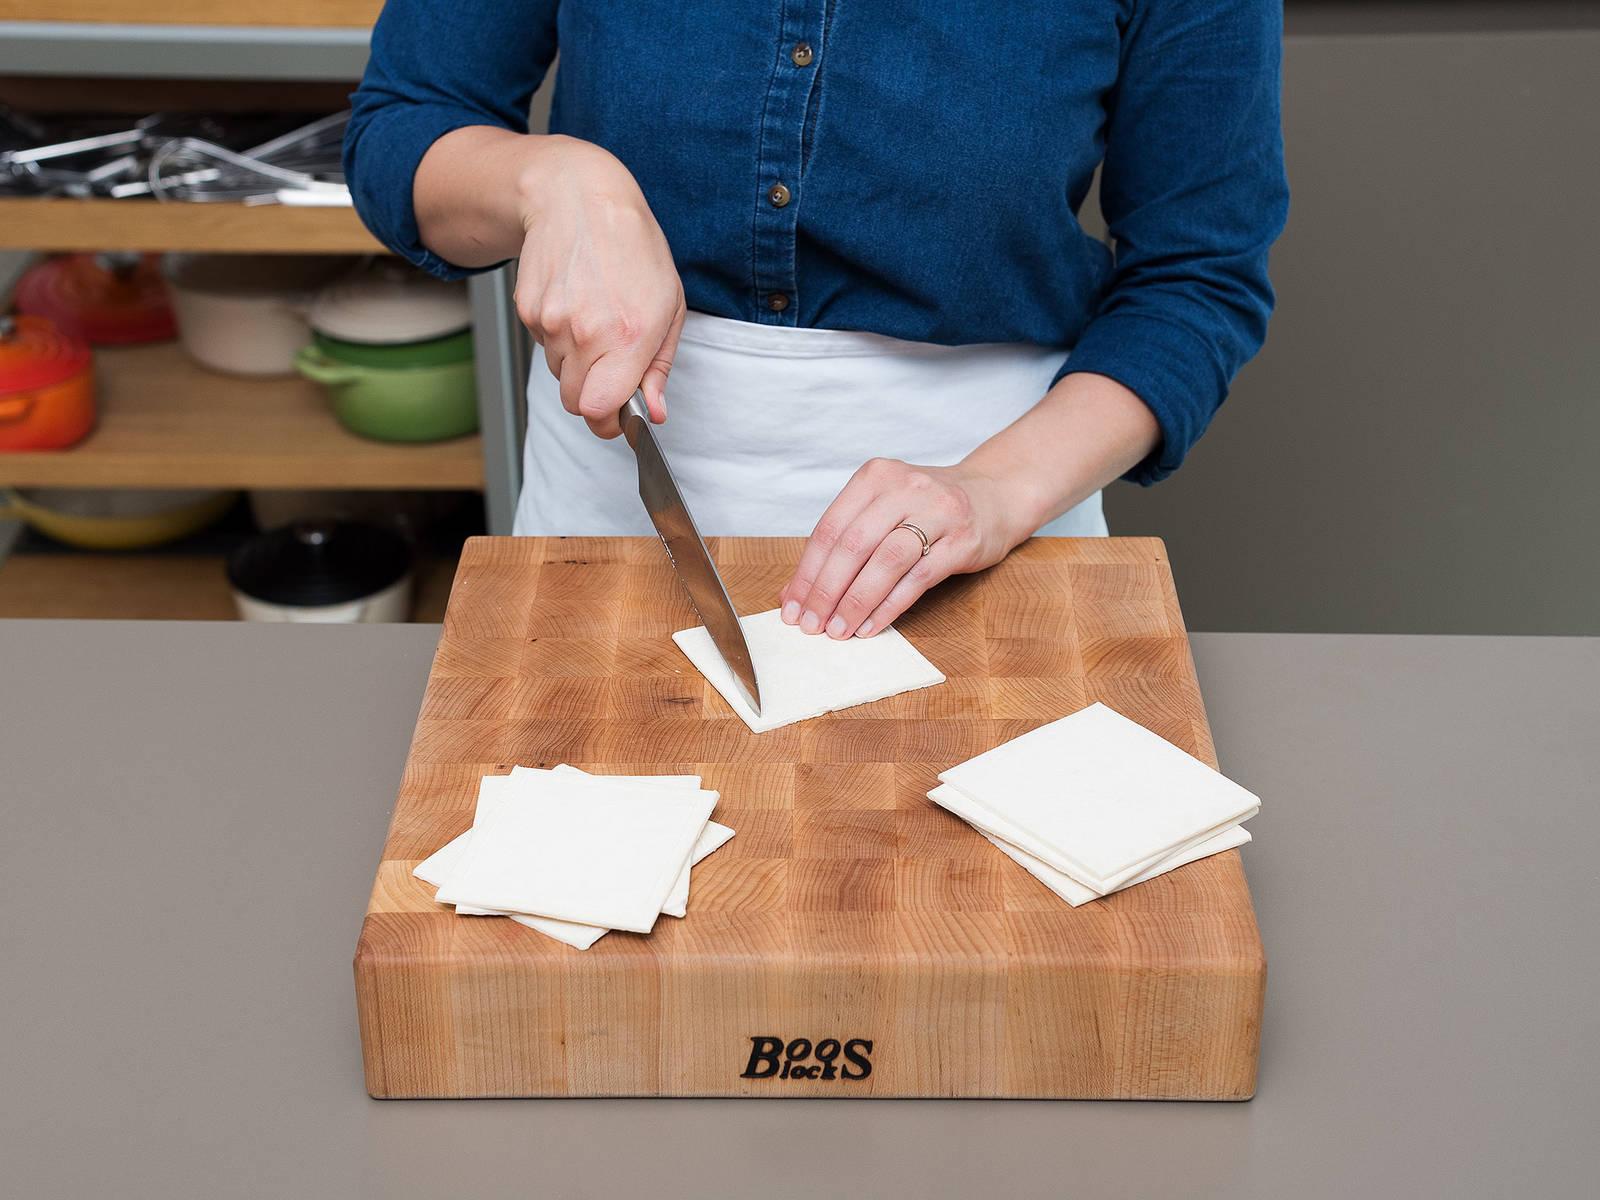 Blätterteig-Scheiben halbieren, um Quadrate zu erhalten. Jedes Quadrat mit einem scharfen Messer ca. 1 cm vom Rand entfernt vorsichtig einschneiden, aber nicht durchschneiden.